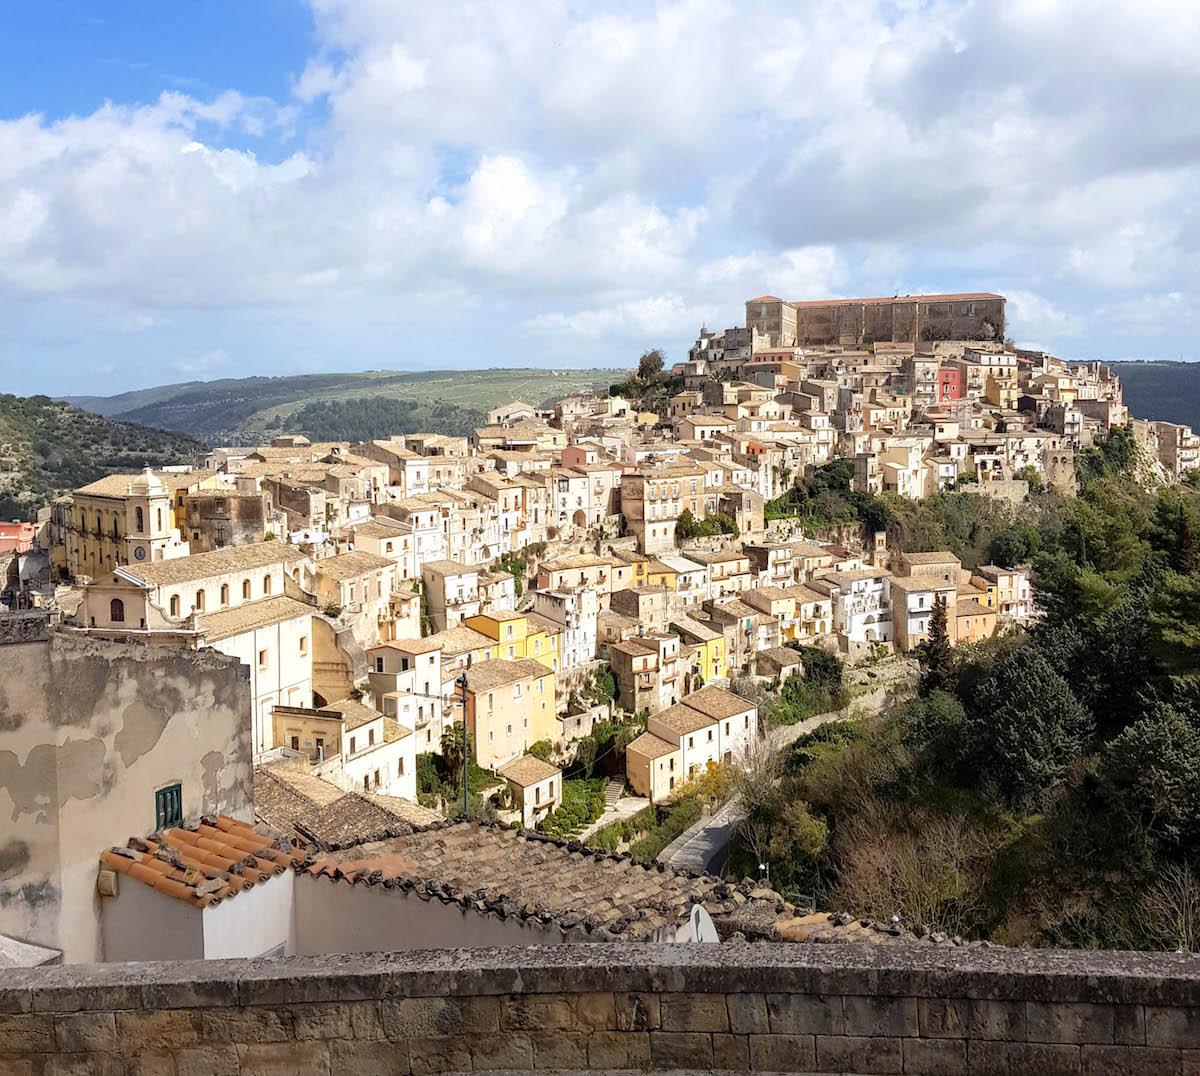 Ragusa op Sicilië, foto door Chantal van Alleen op reis